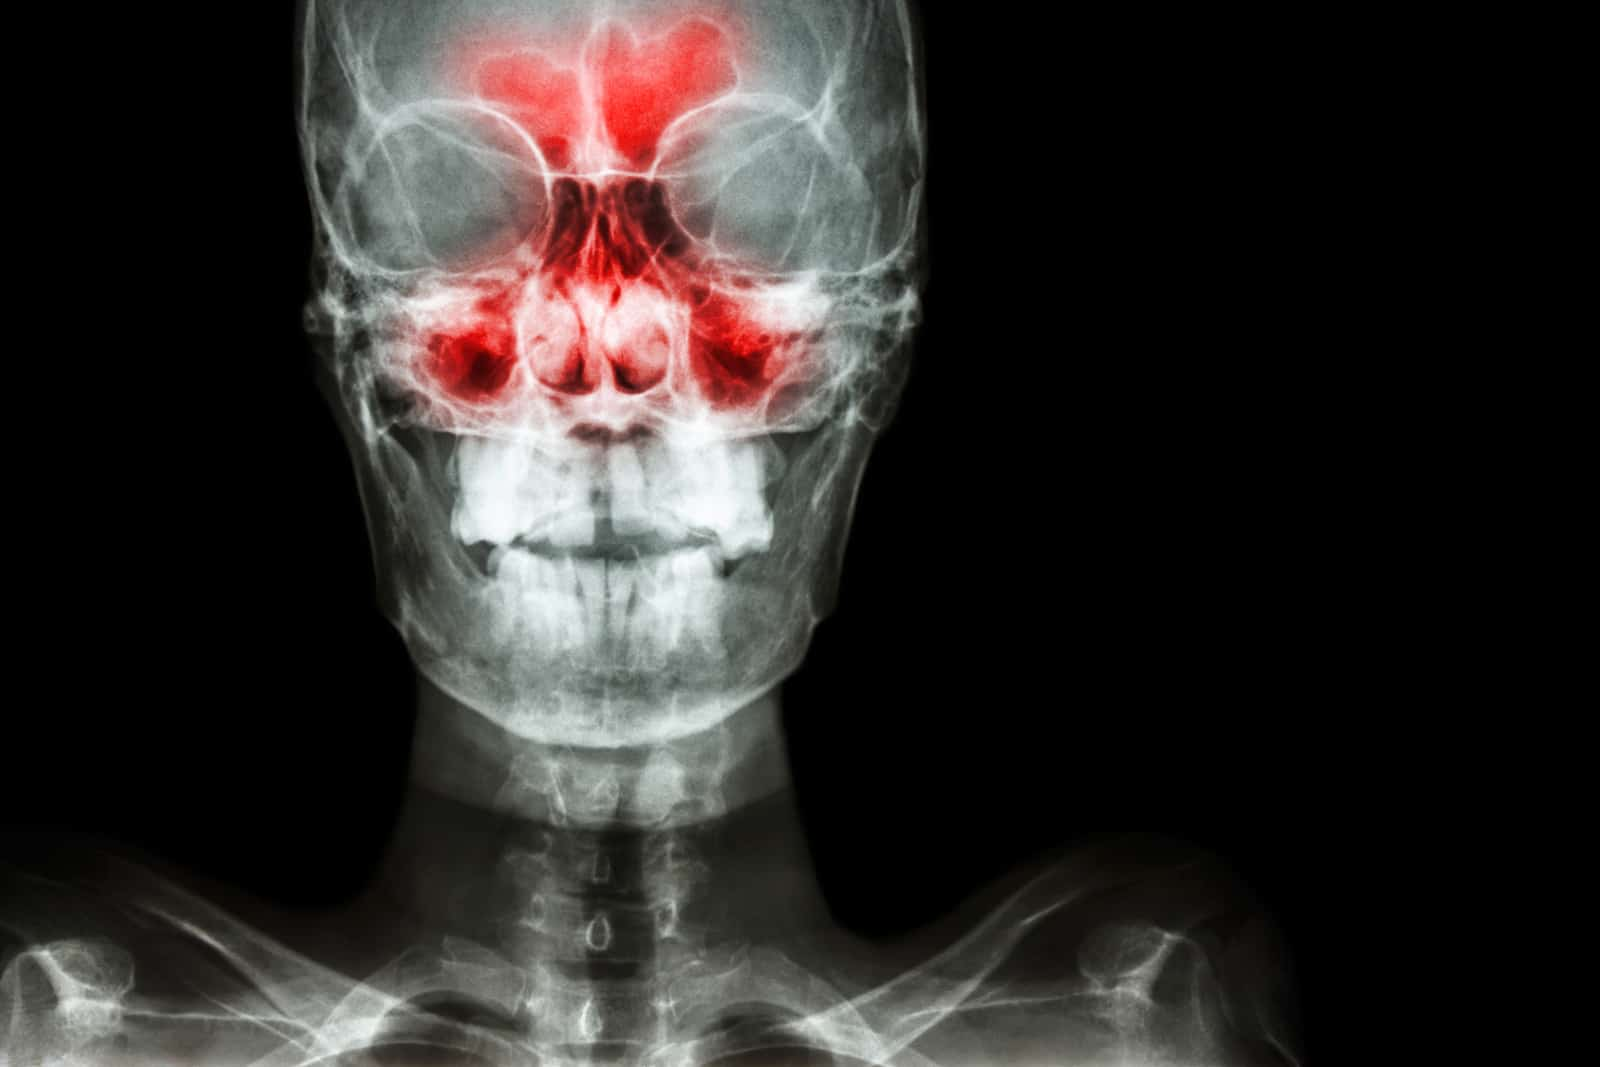 rodzaje zapalenia zatok - szczękowe, nosowe